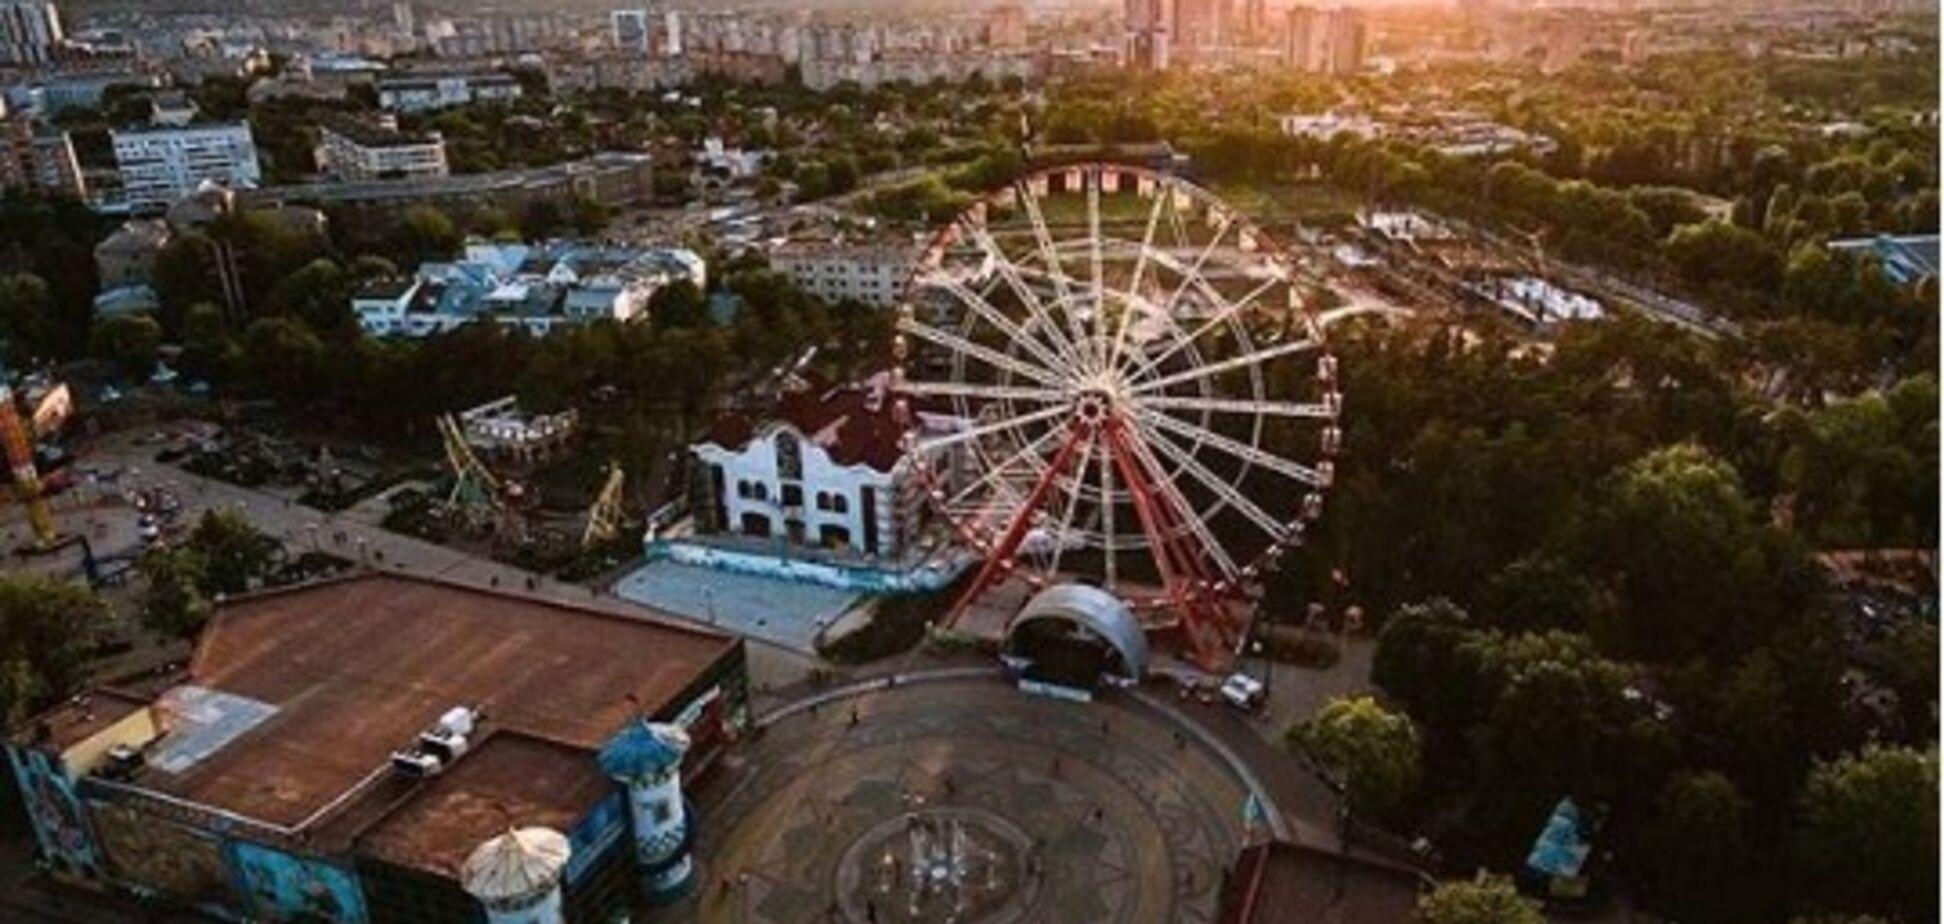 Будні Харкова: у мережі показали мальовничі фотографії міста